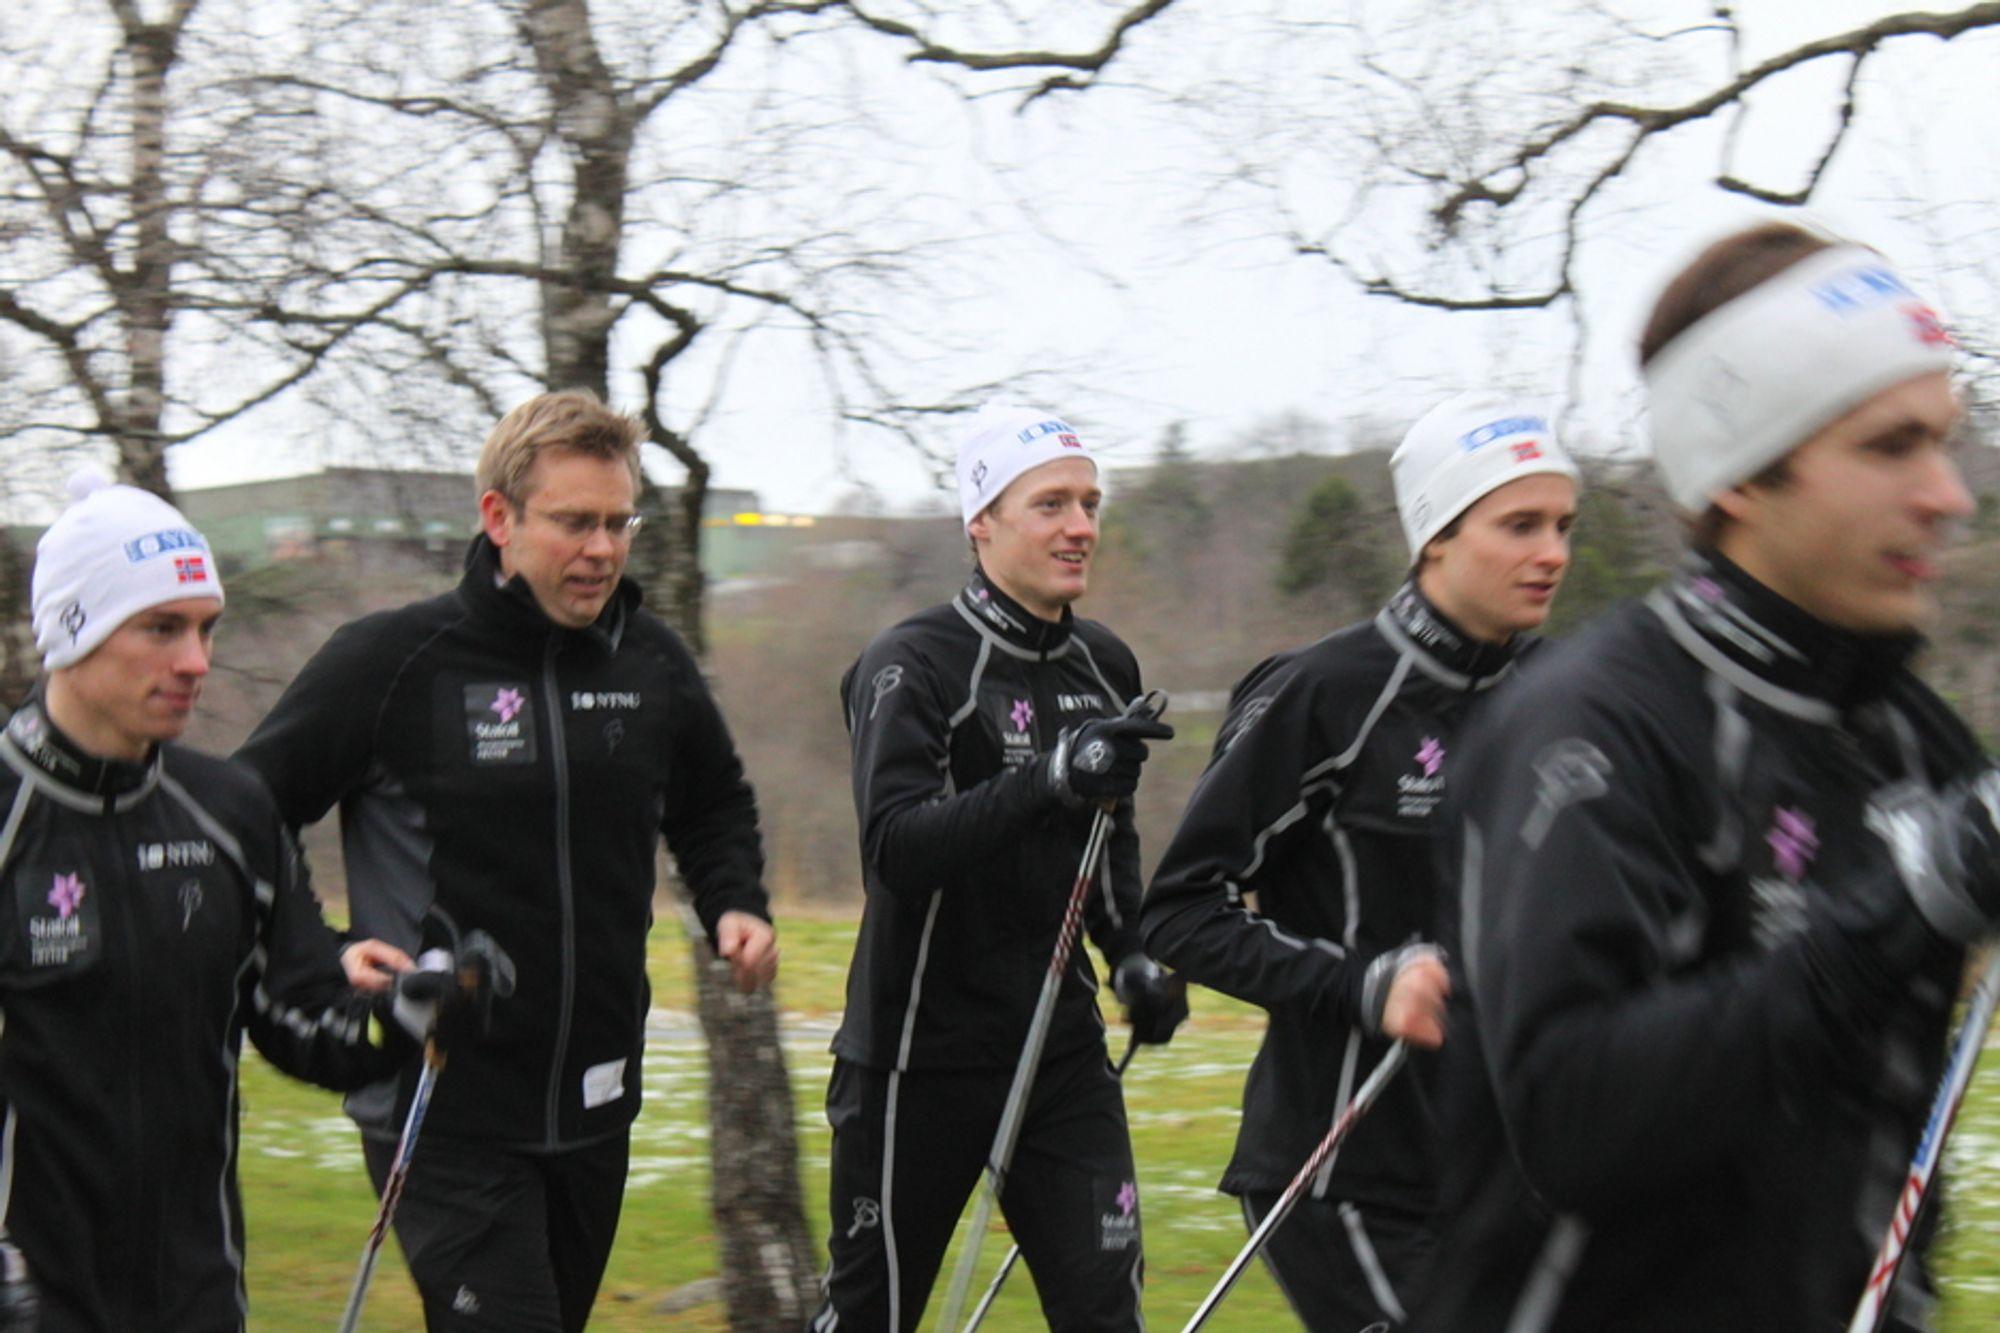 DOBBELT KARRIERE: Langrennsløperne på Team NTNU får støtte fra Halvard Hanevold, som selv er sivilingeniør.